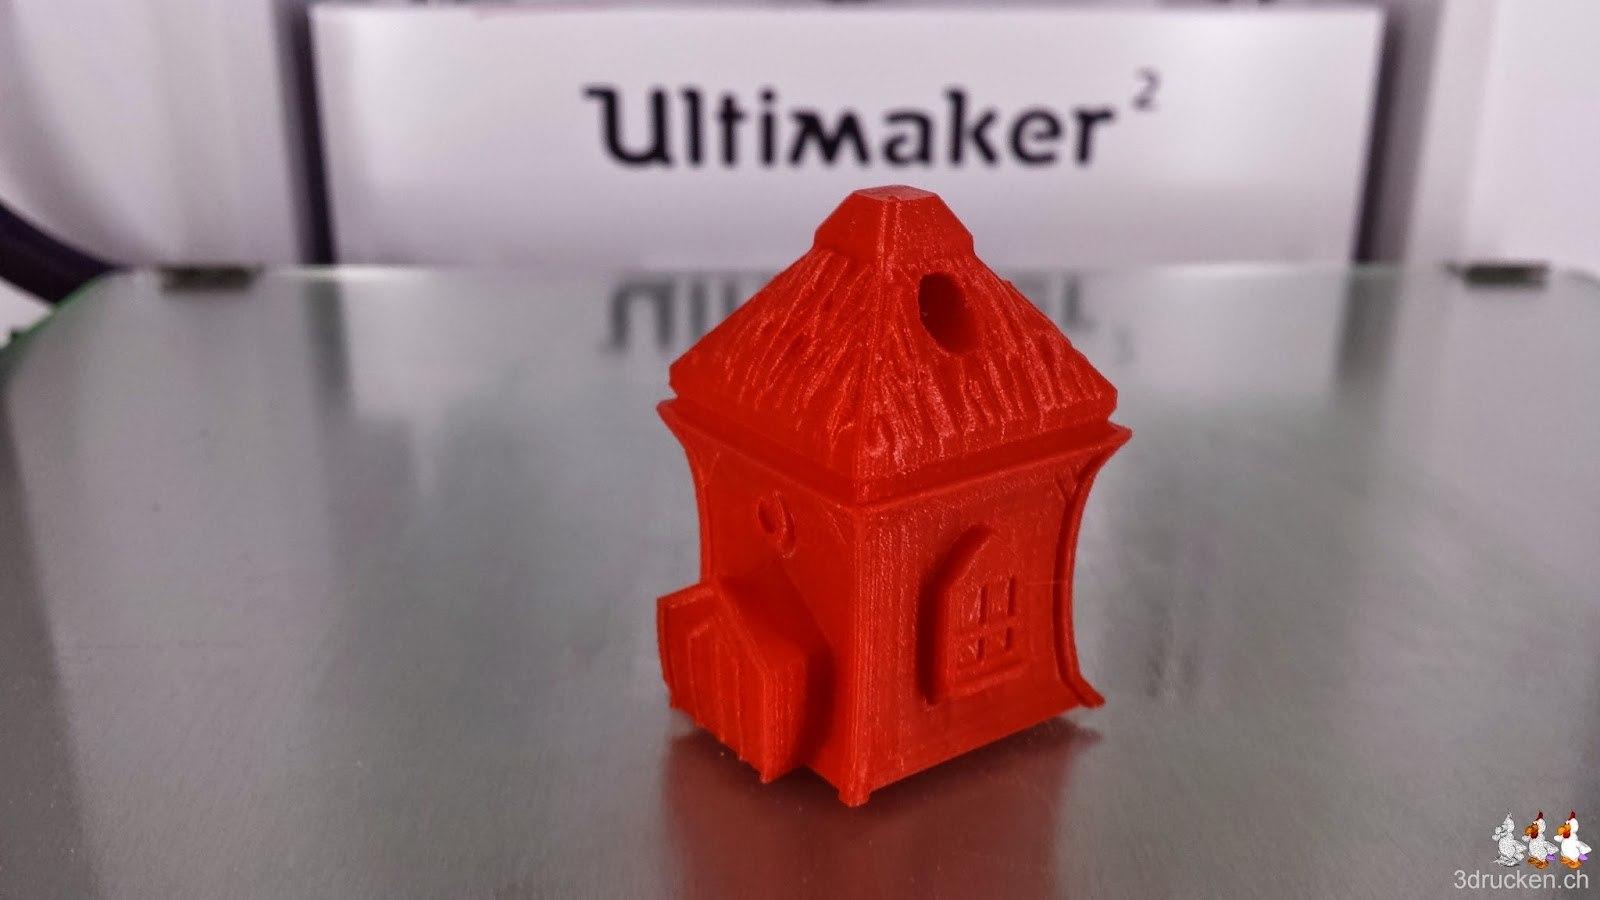 Foto des vom Drucktisch des Ultimaker 2 gelösten Elfenhäuschen aus rotem PLA